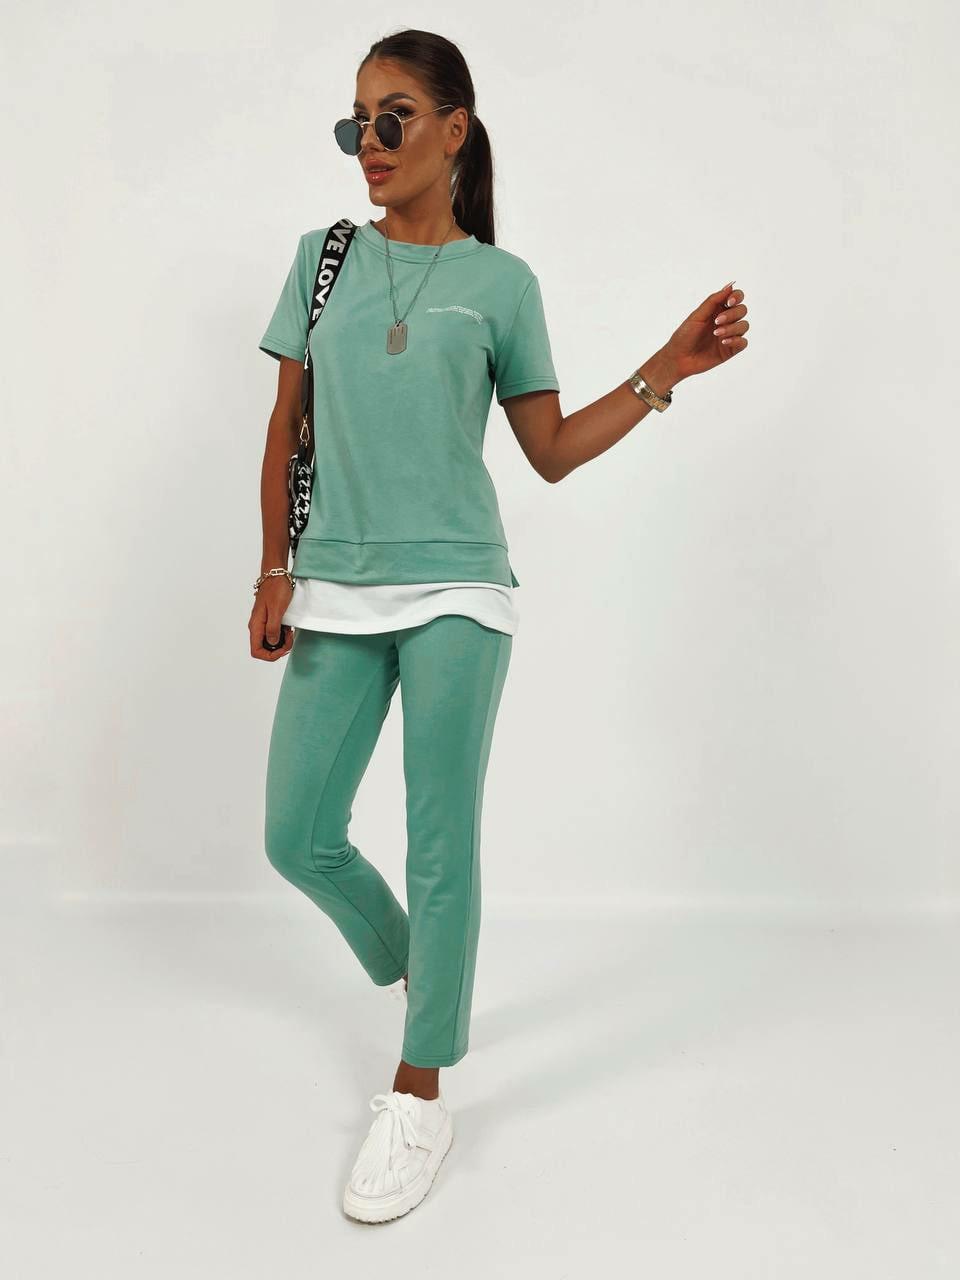 Спортивний жіночий костюм двійка з тканини двунить (футболка і штани)